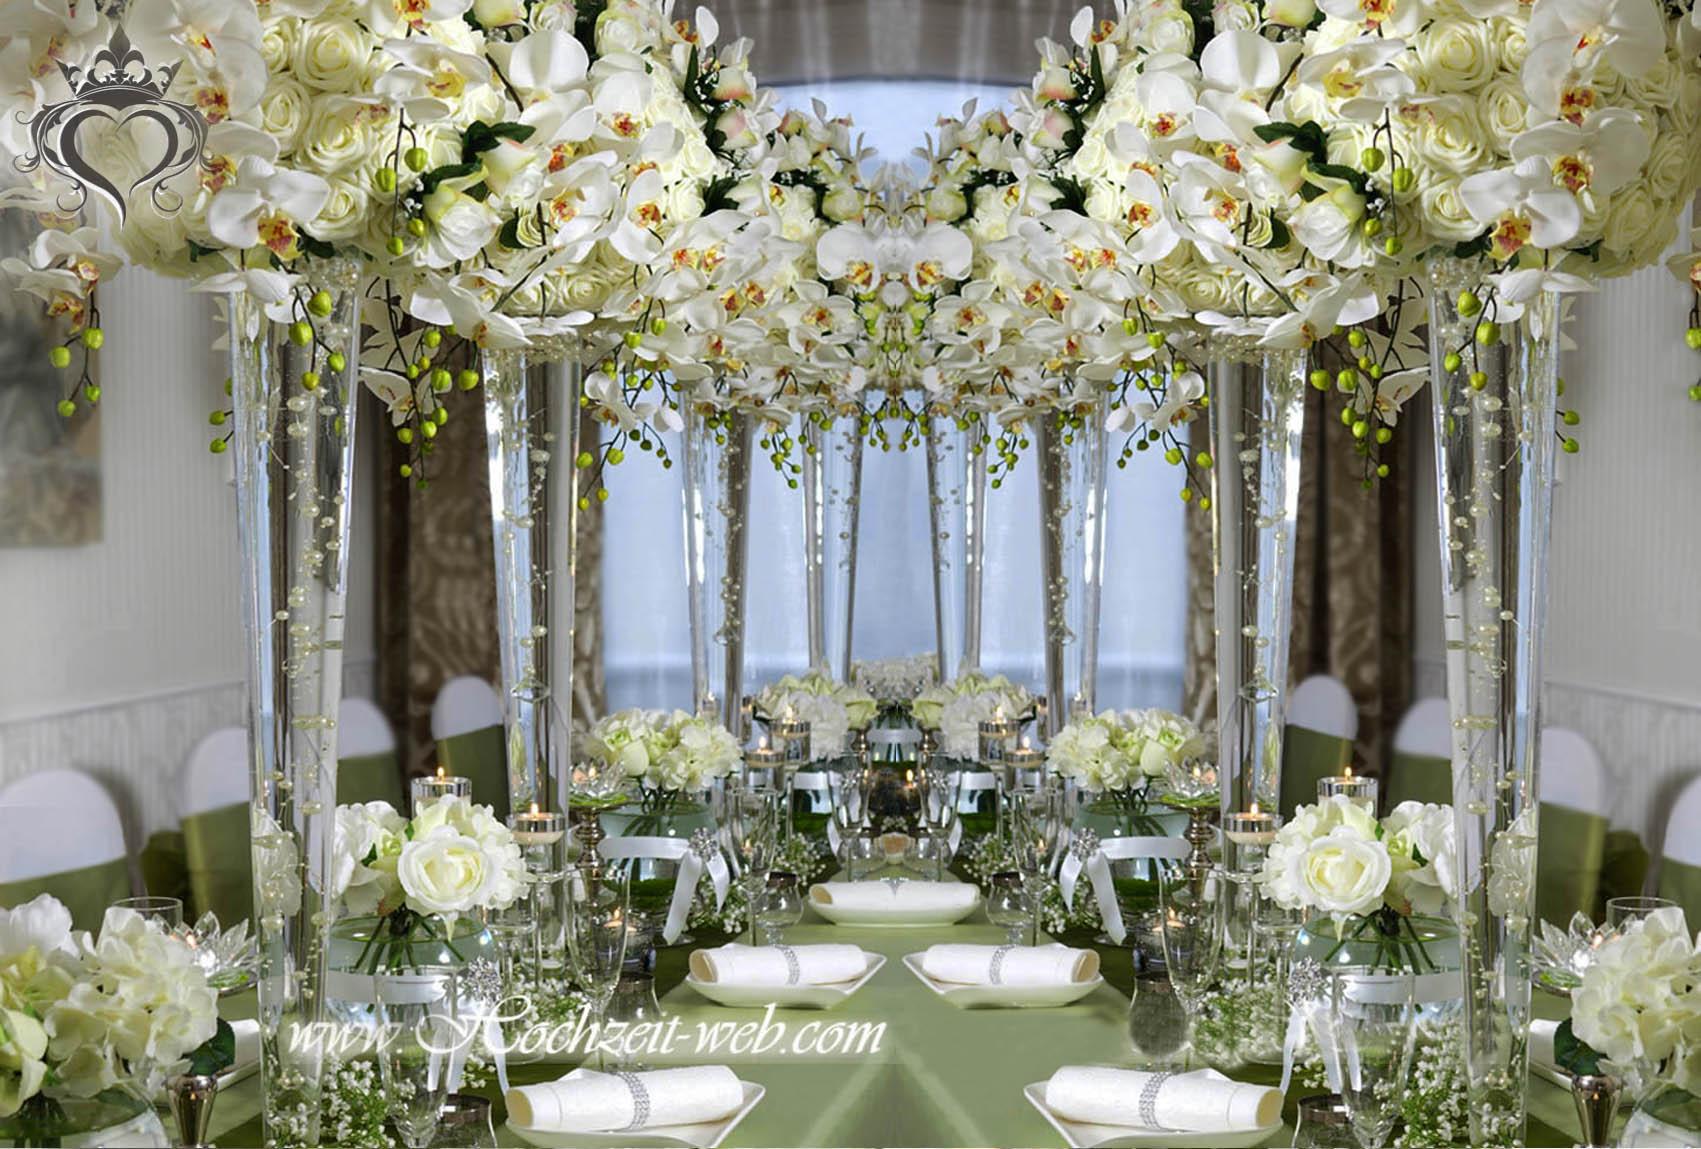 Tischdekoration f r perfekte hochzeit - Hochzeitstisch dekorieren ...